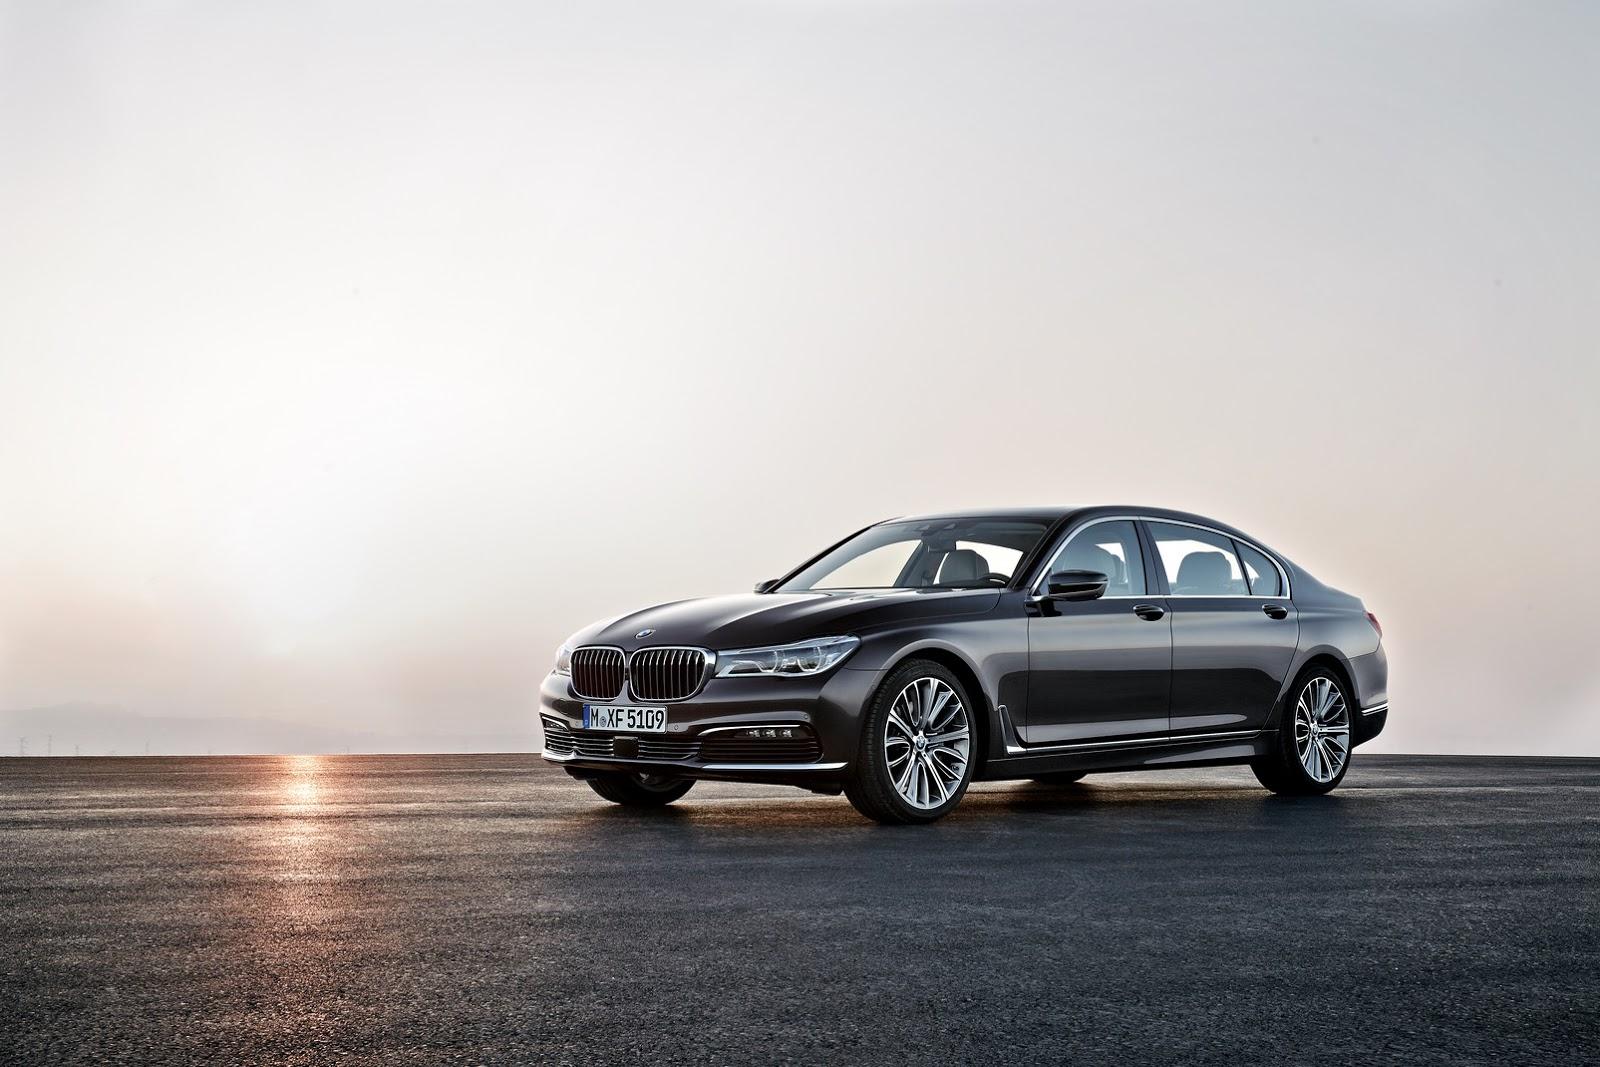 2016-BMW-7-Series-New1 புதிய பிஎம்டபிள்யூ 7 சீரிஸ் அறிமுகம்